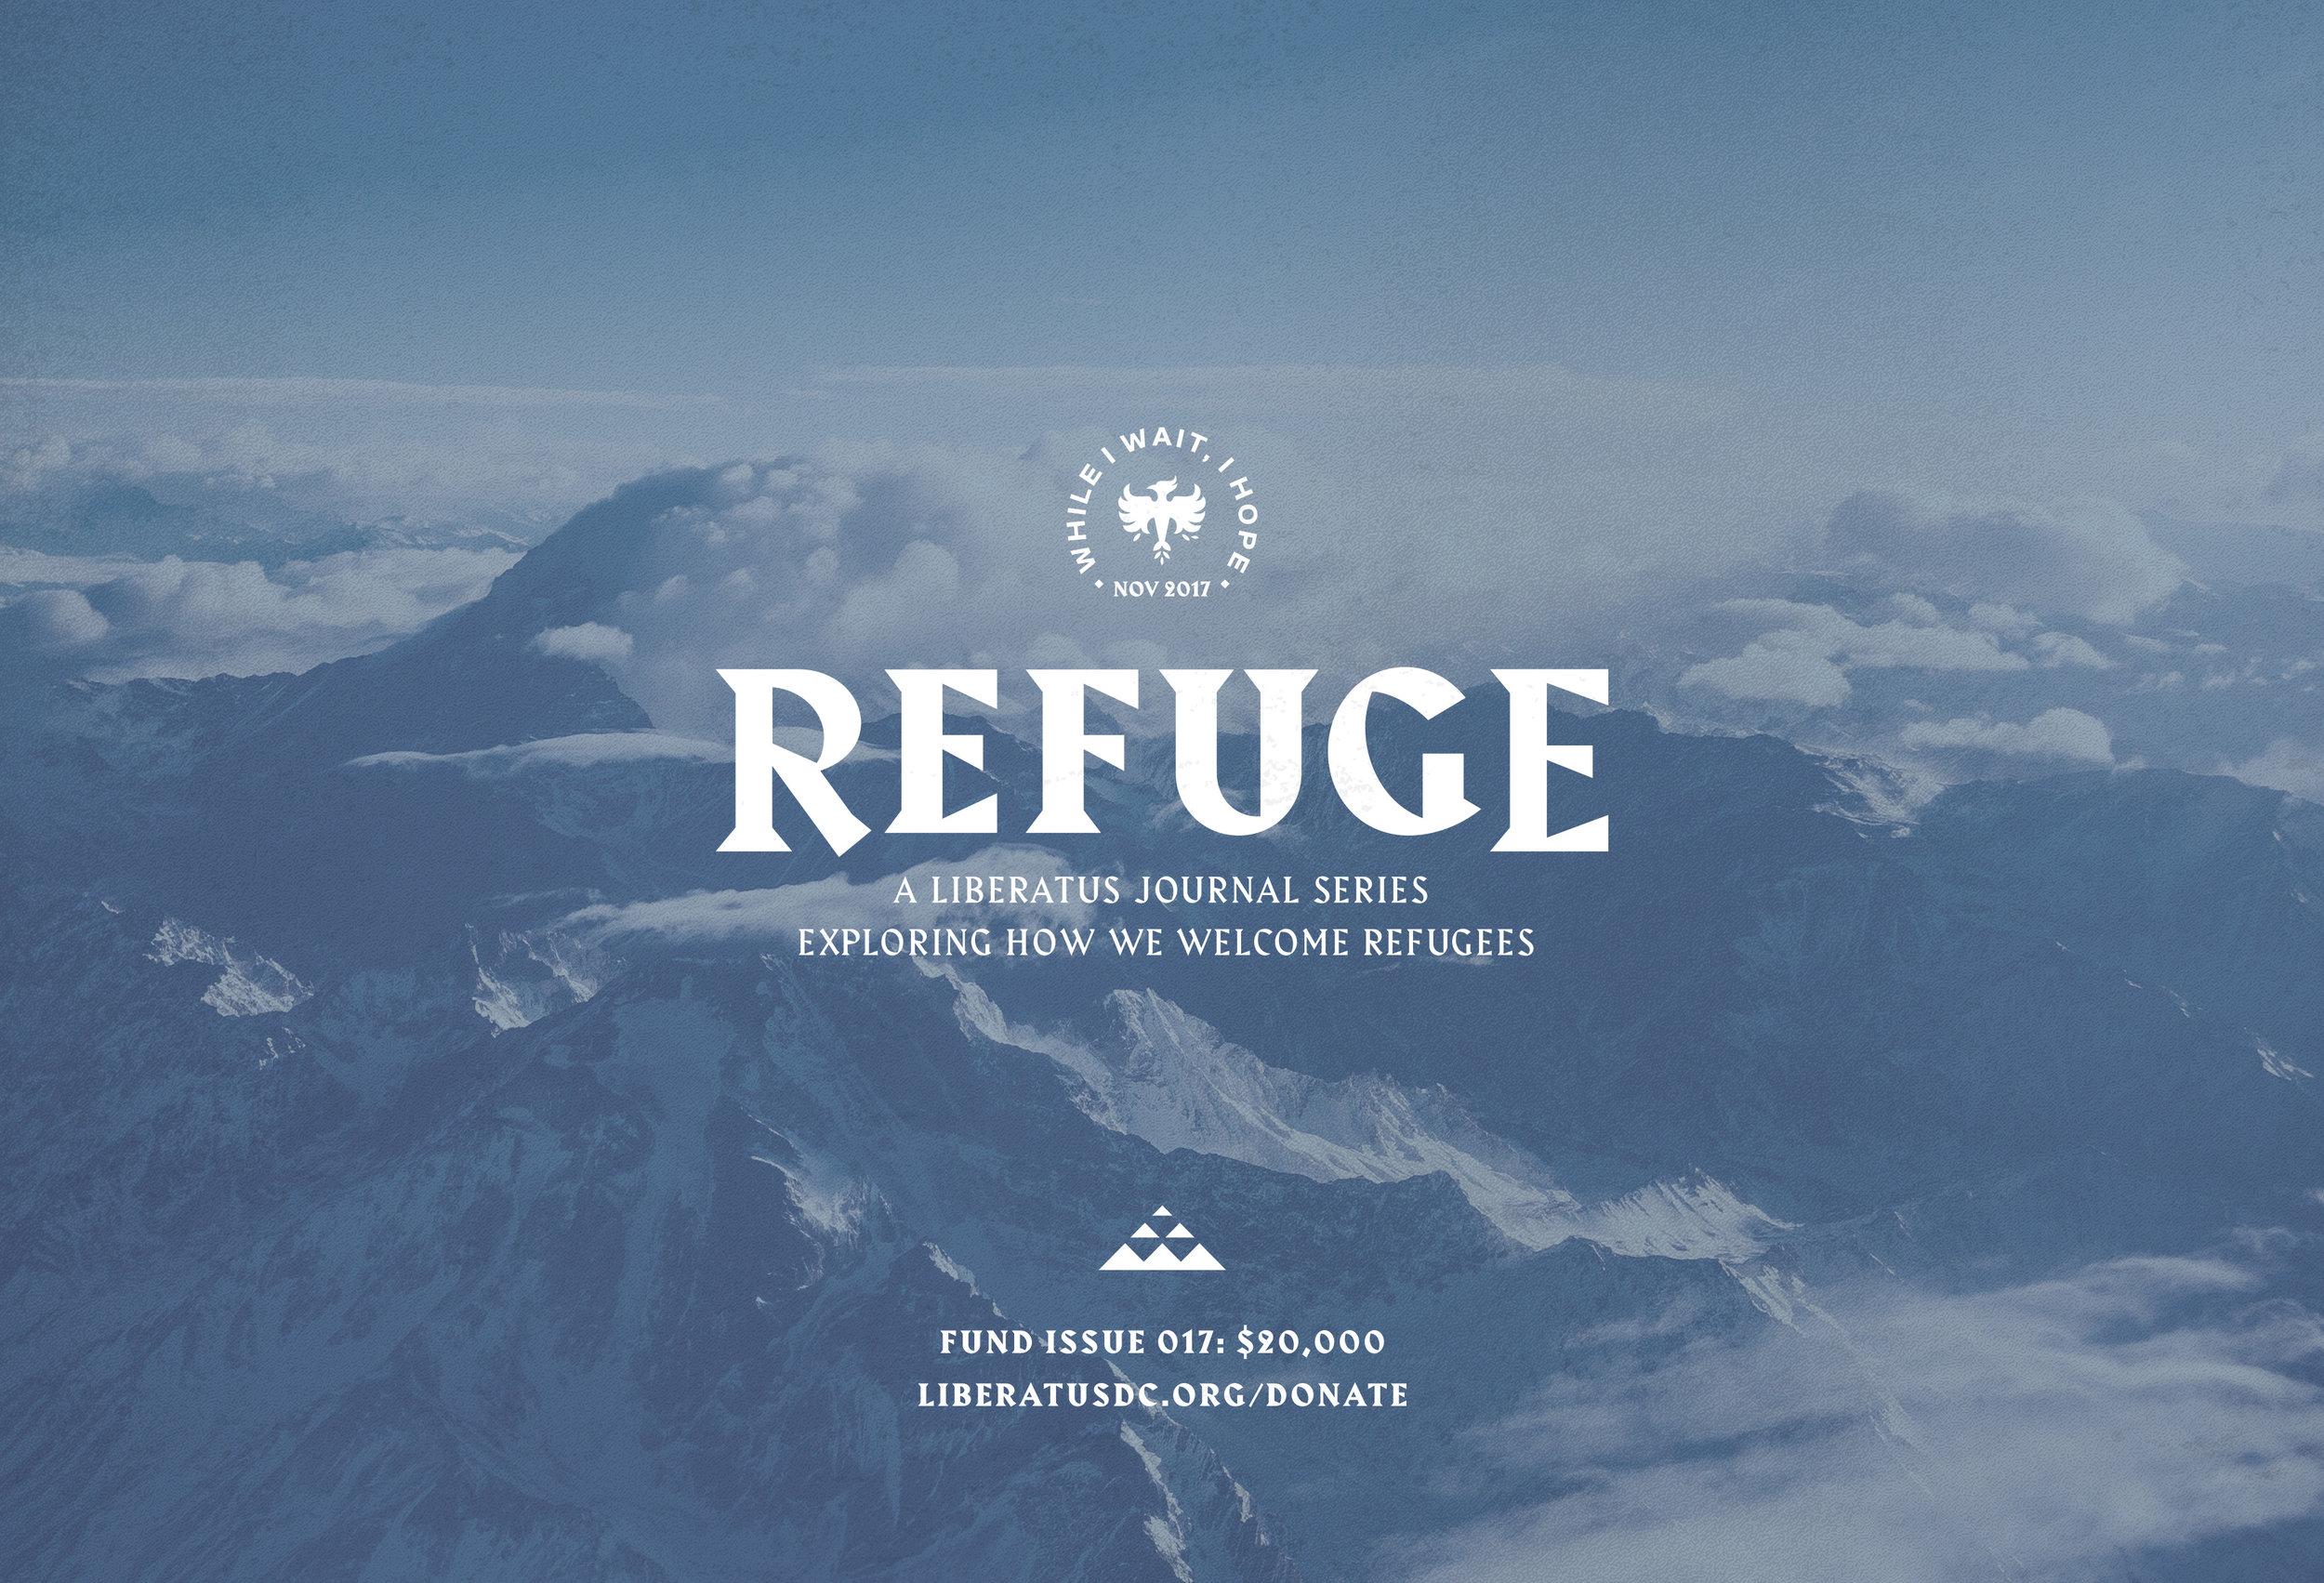 Refuge-Square.jpg